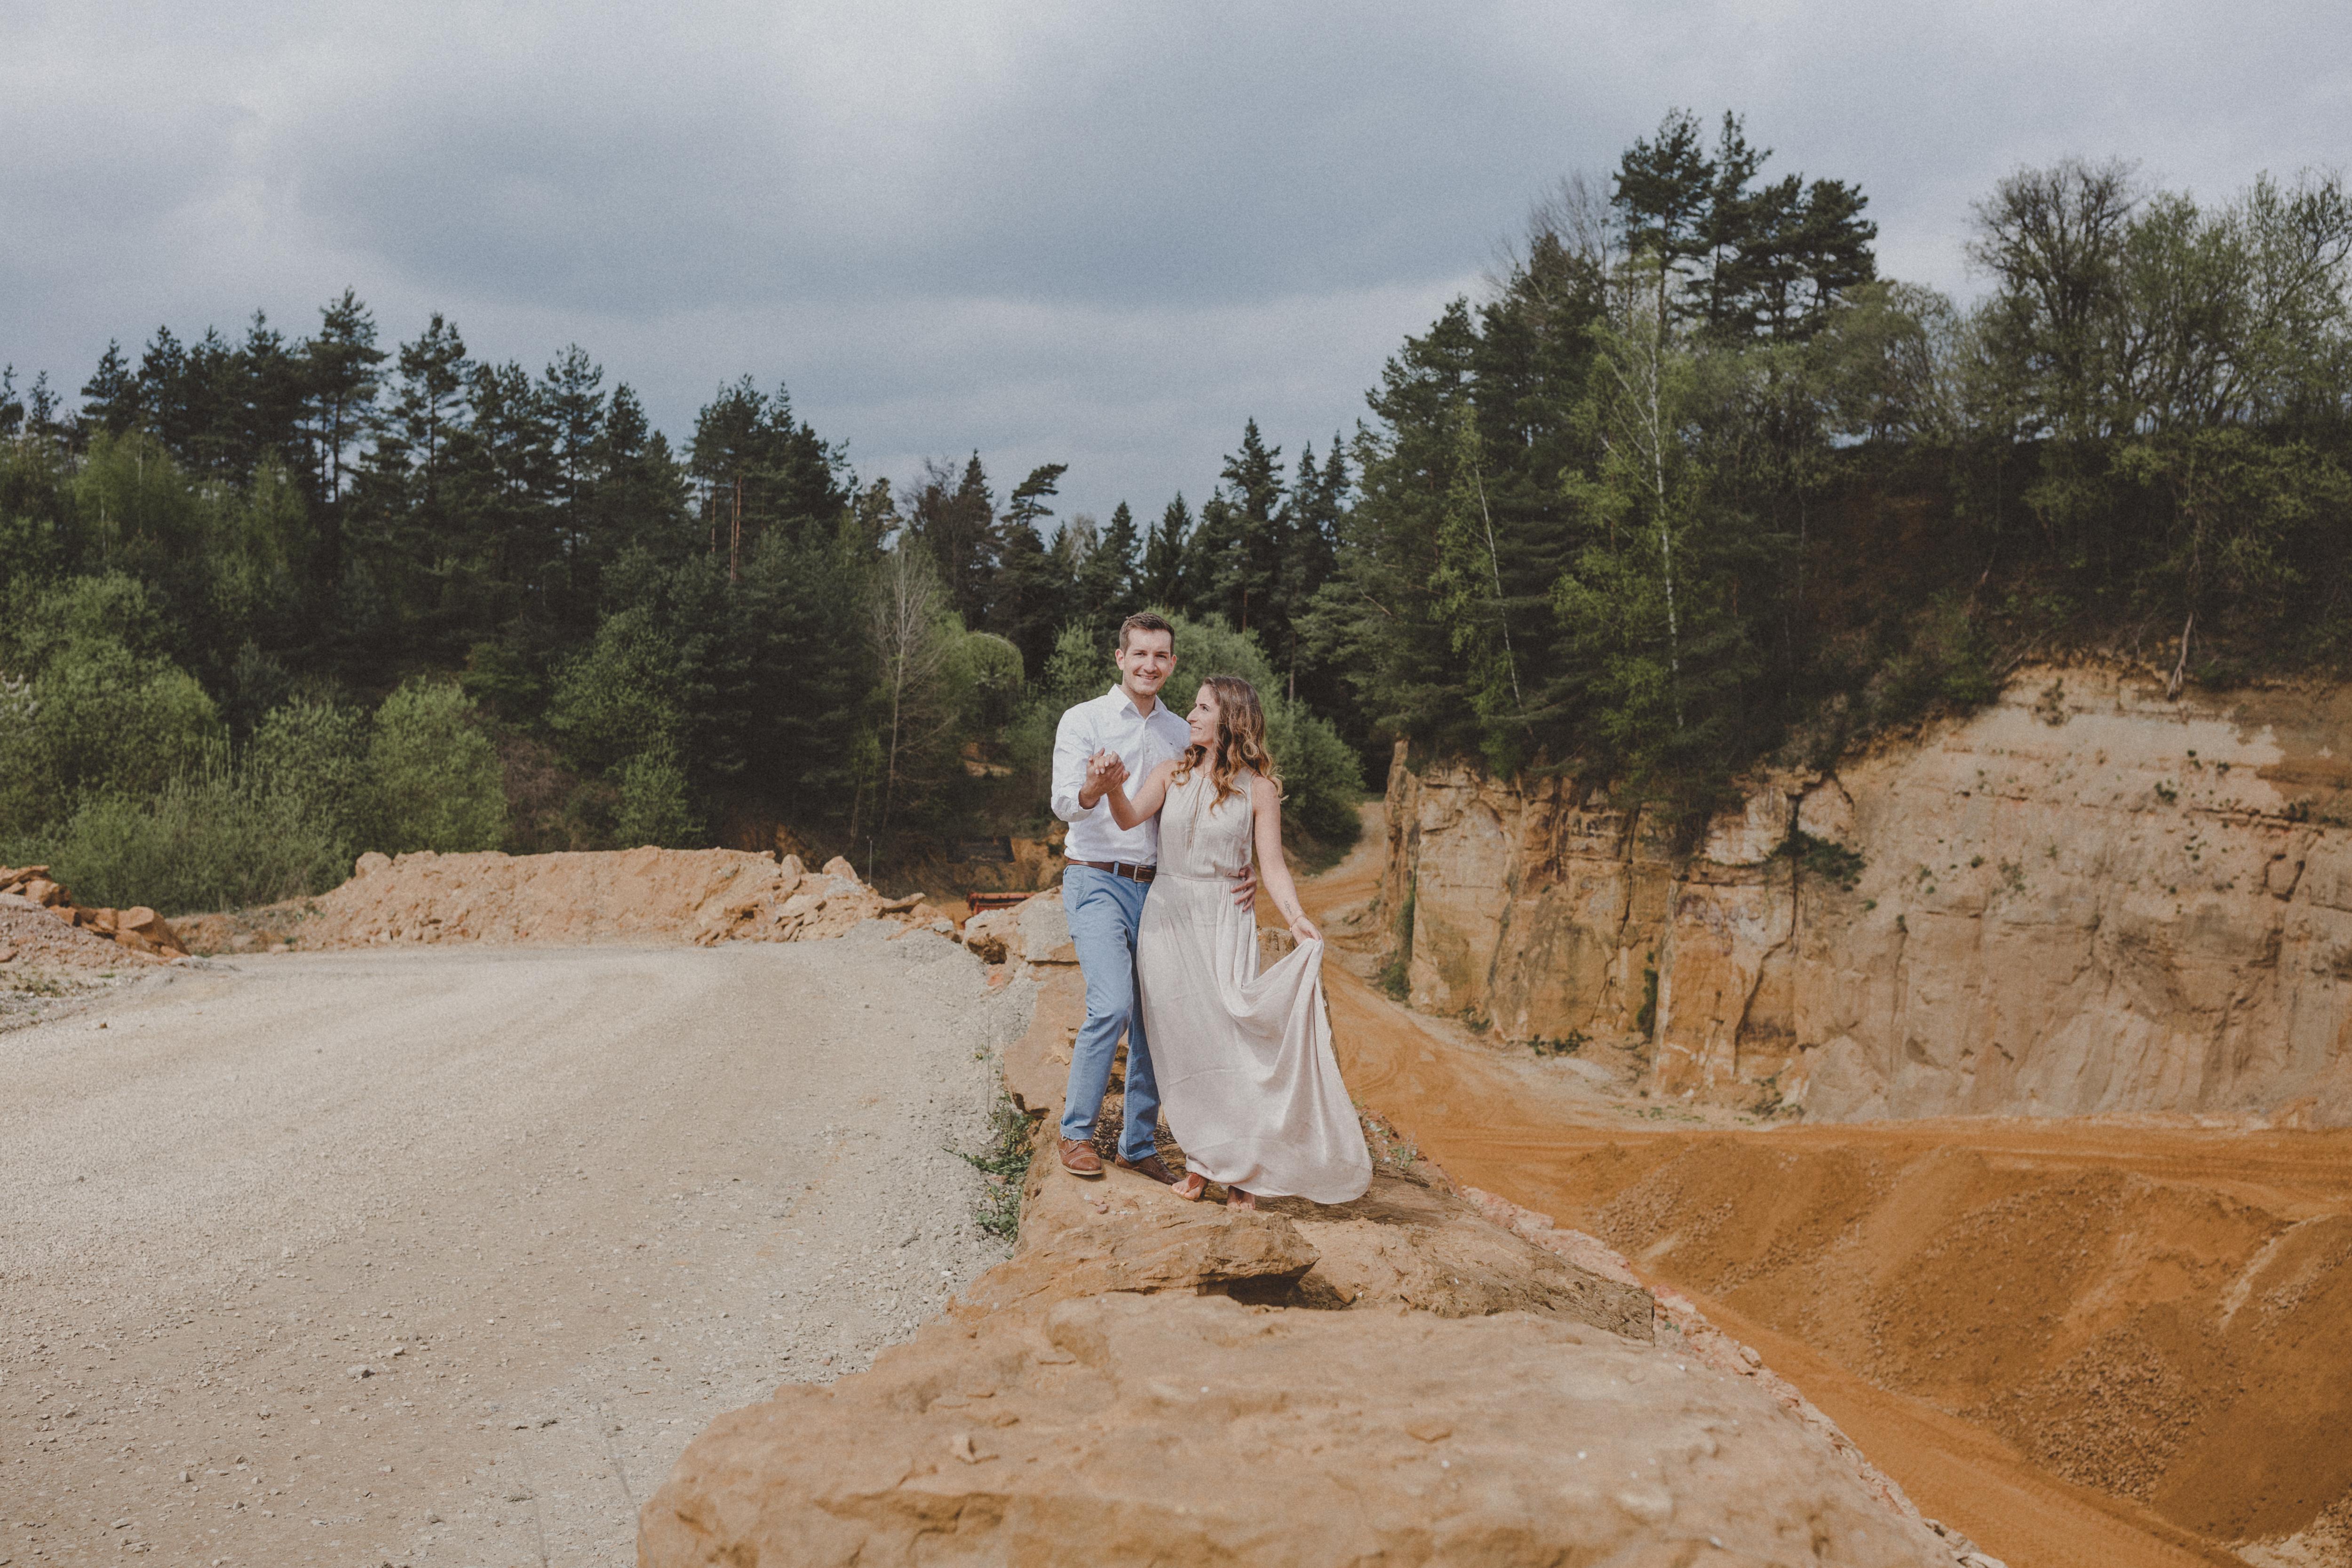 URBANERIE_Daniela_Goth_Hochzeitsfotografin_Nürnberg_Fürth_Erlangen_Schwabach_170415_002_0055